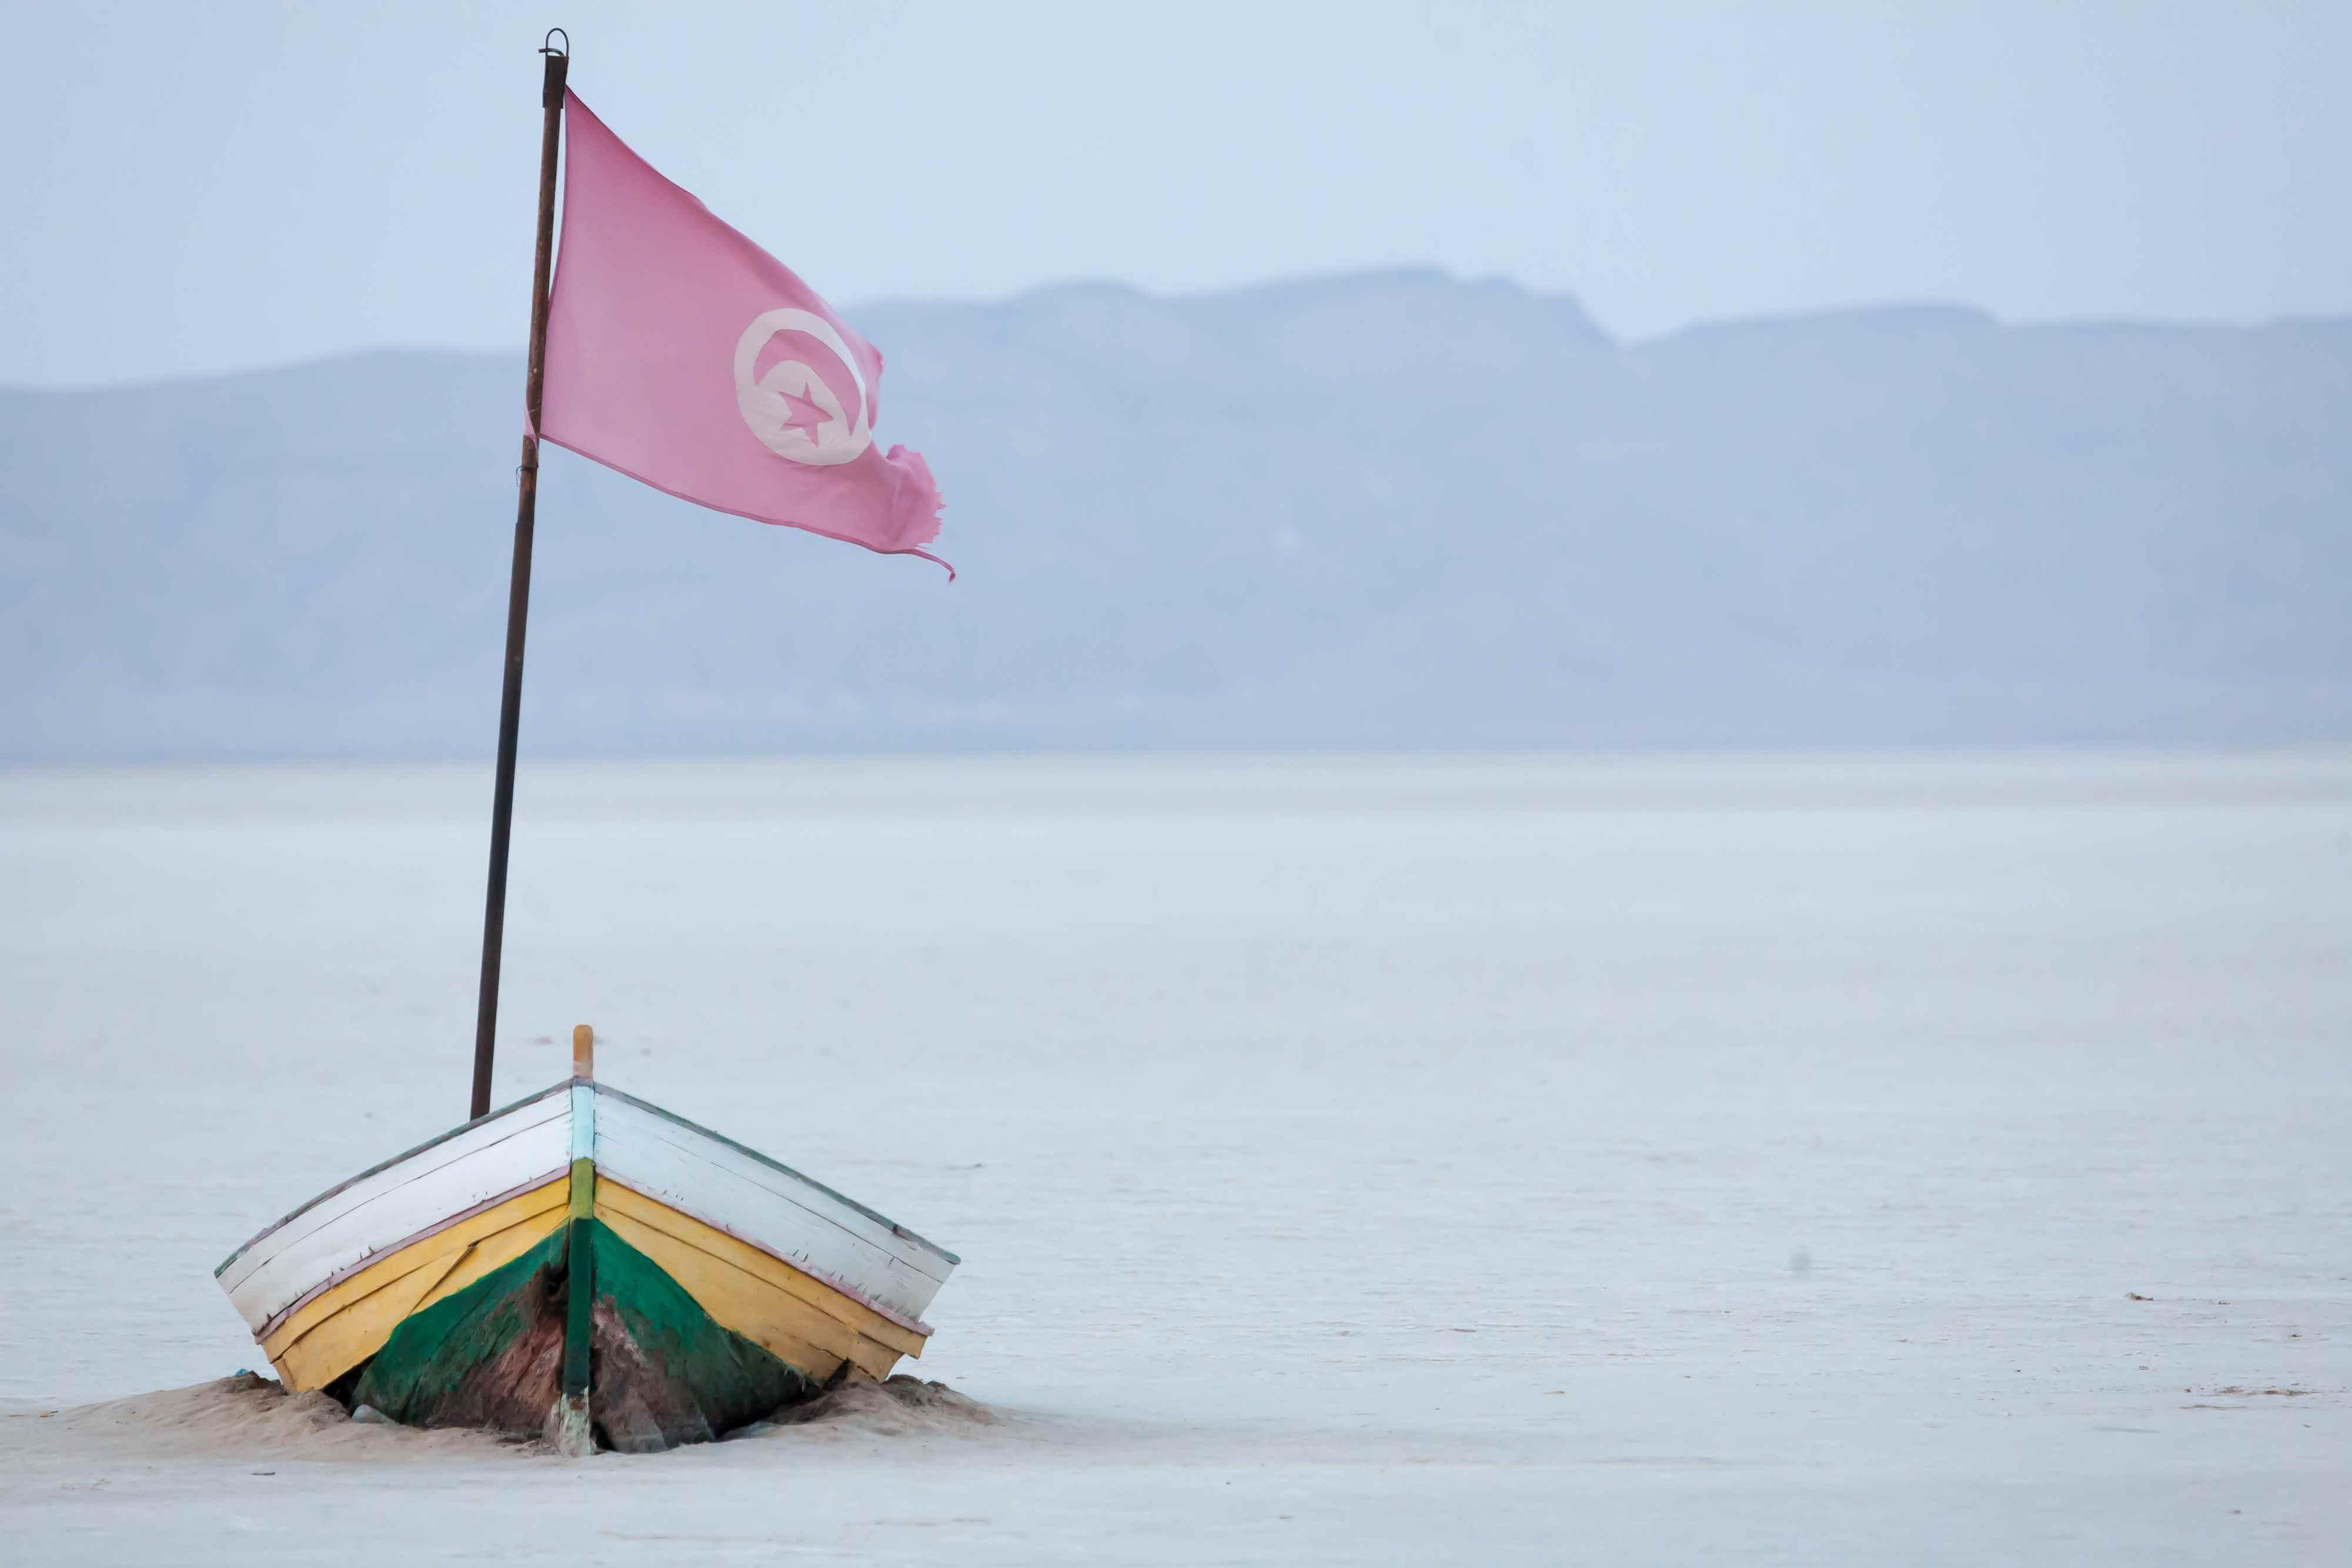 Flag On Boat At Chott El Djerid